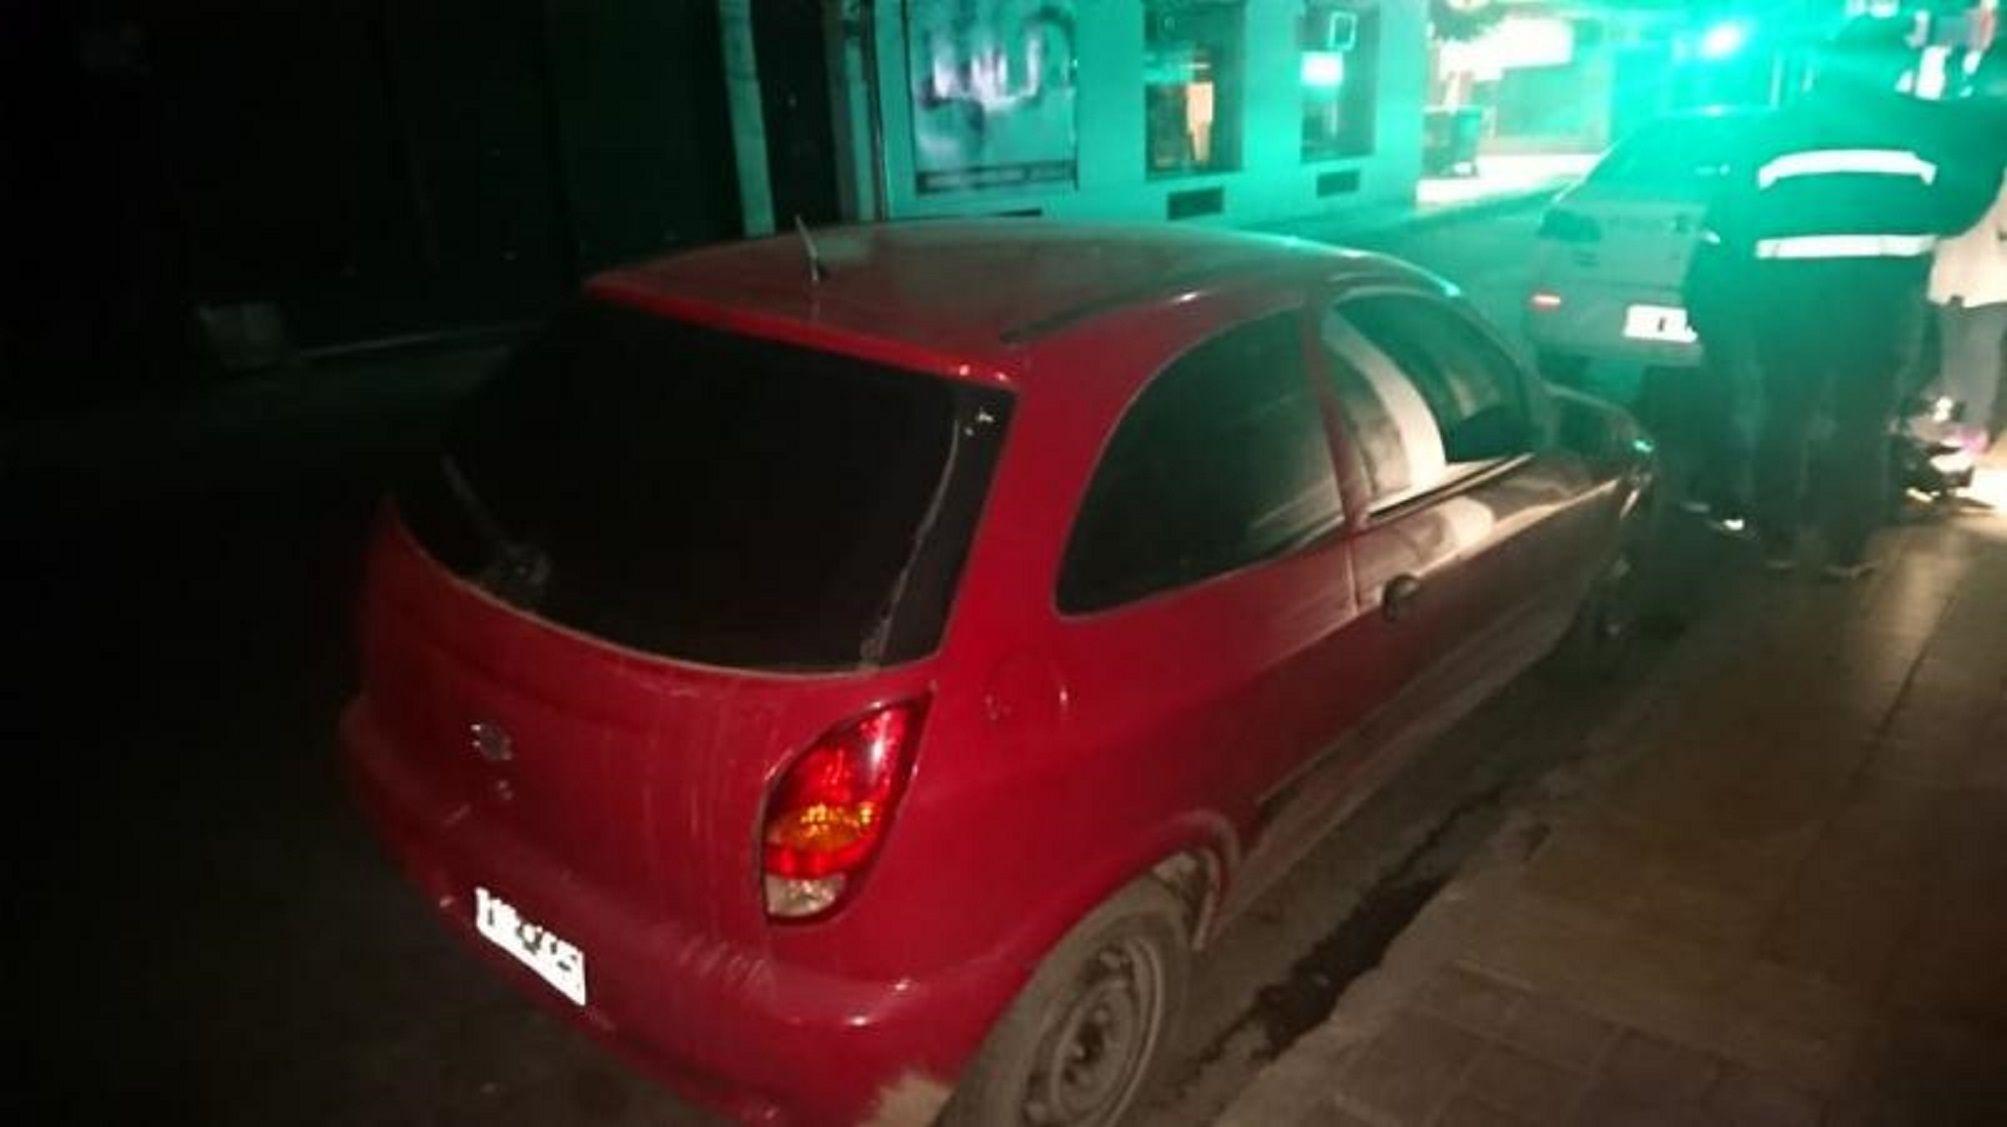 Les robaron el auto con los hijos dentro, se les quedó en la fuga y les pidieron a los chicos que empujaran